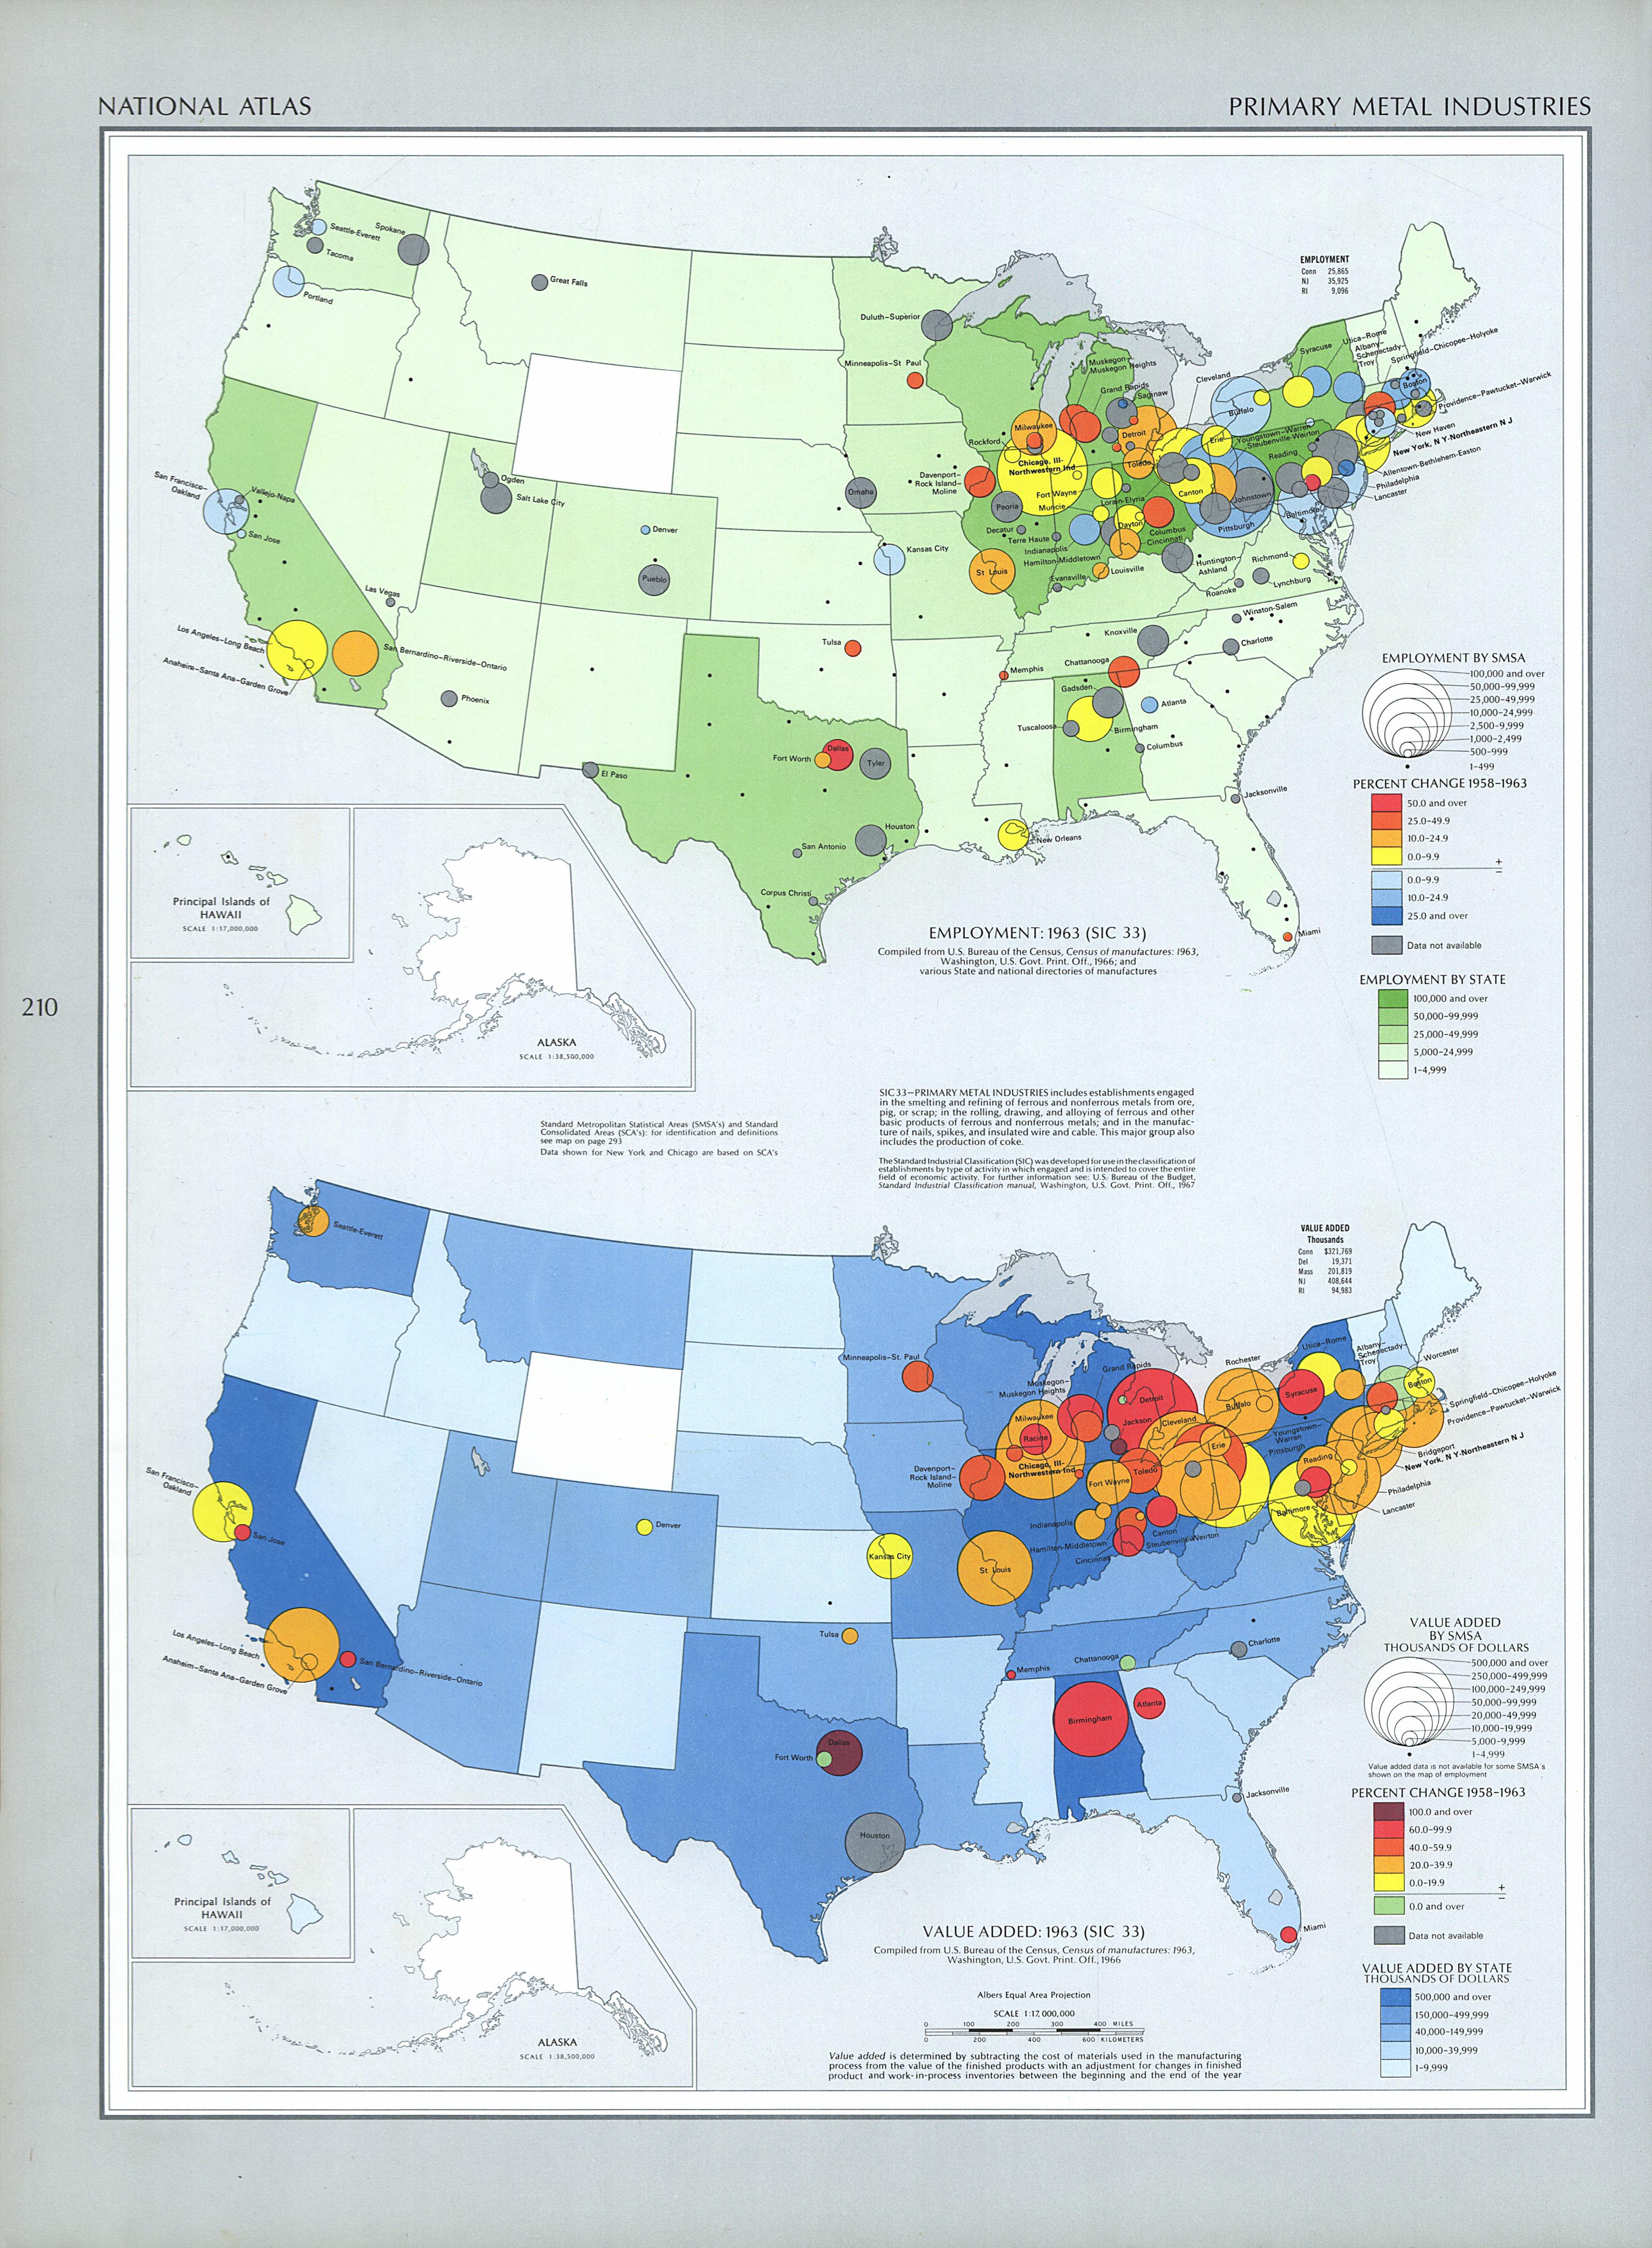 Mapa de las Industrias Metalúrgicas Primaria, Estados Unidos